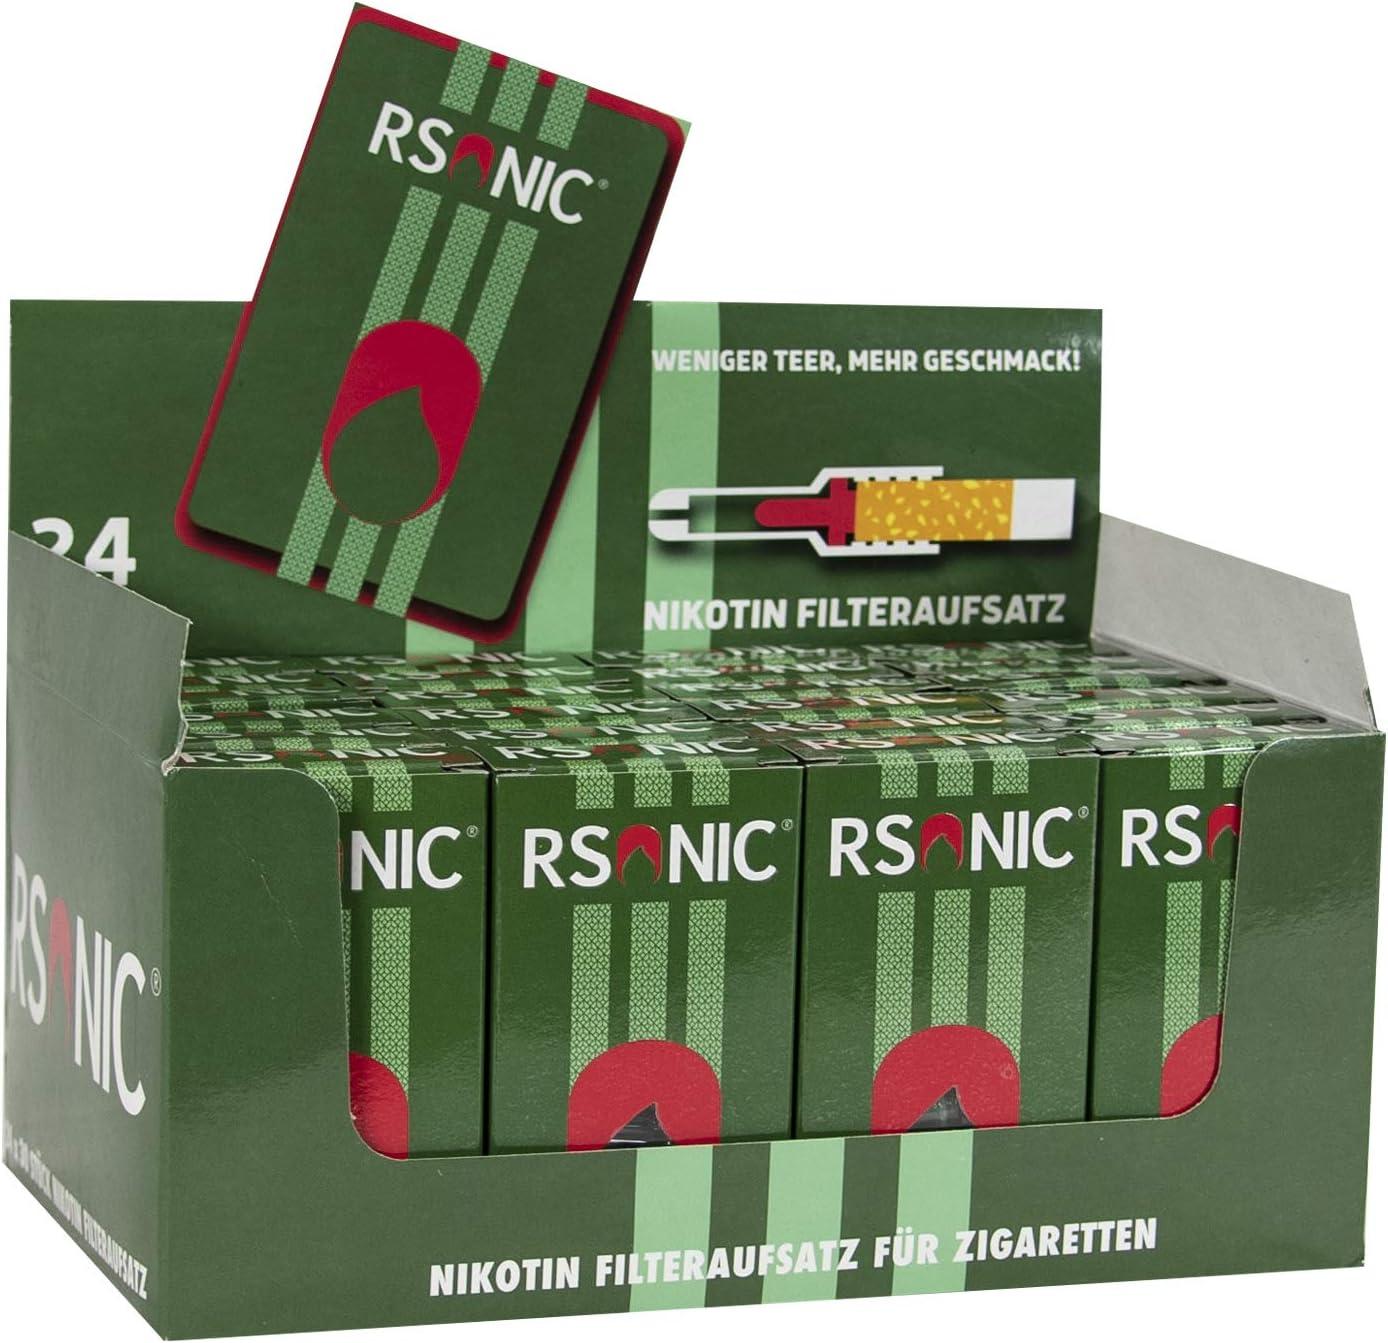 720 stück Neu ! Zigarettenfilter 24 x 30er Pack Microfilter Nikotinfilter ins